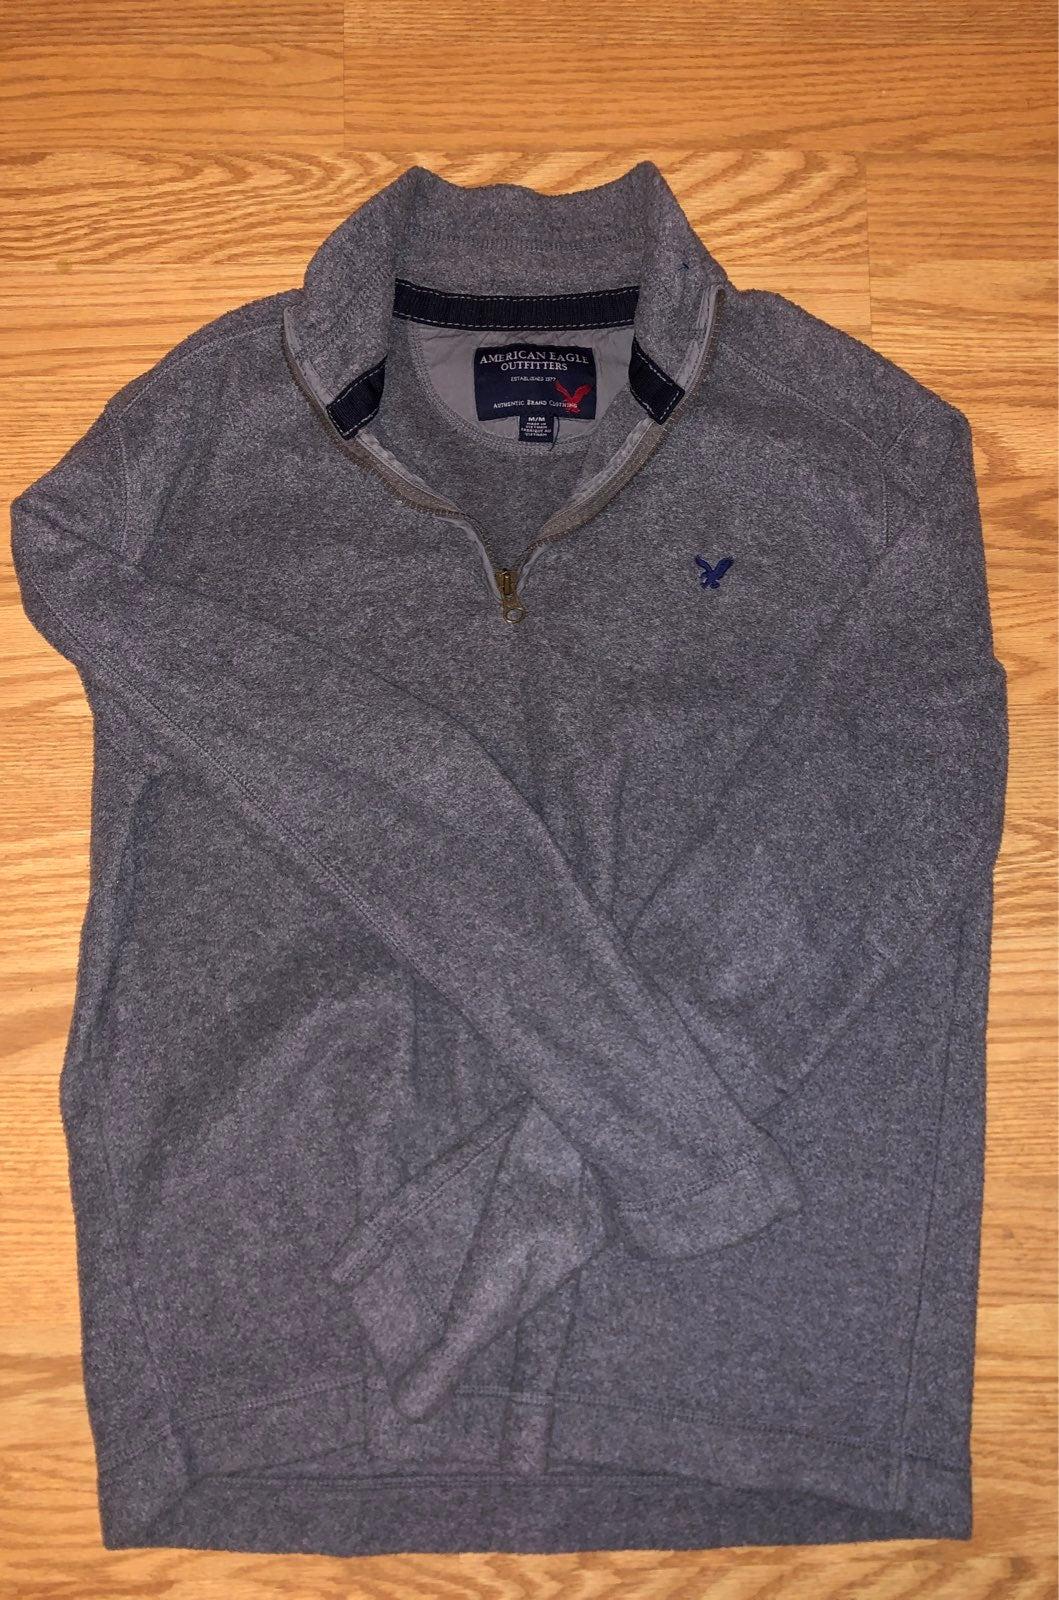 Men's American Eagle fleece zip